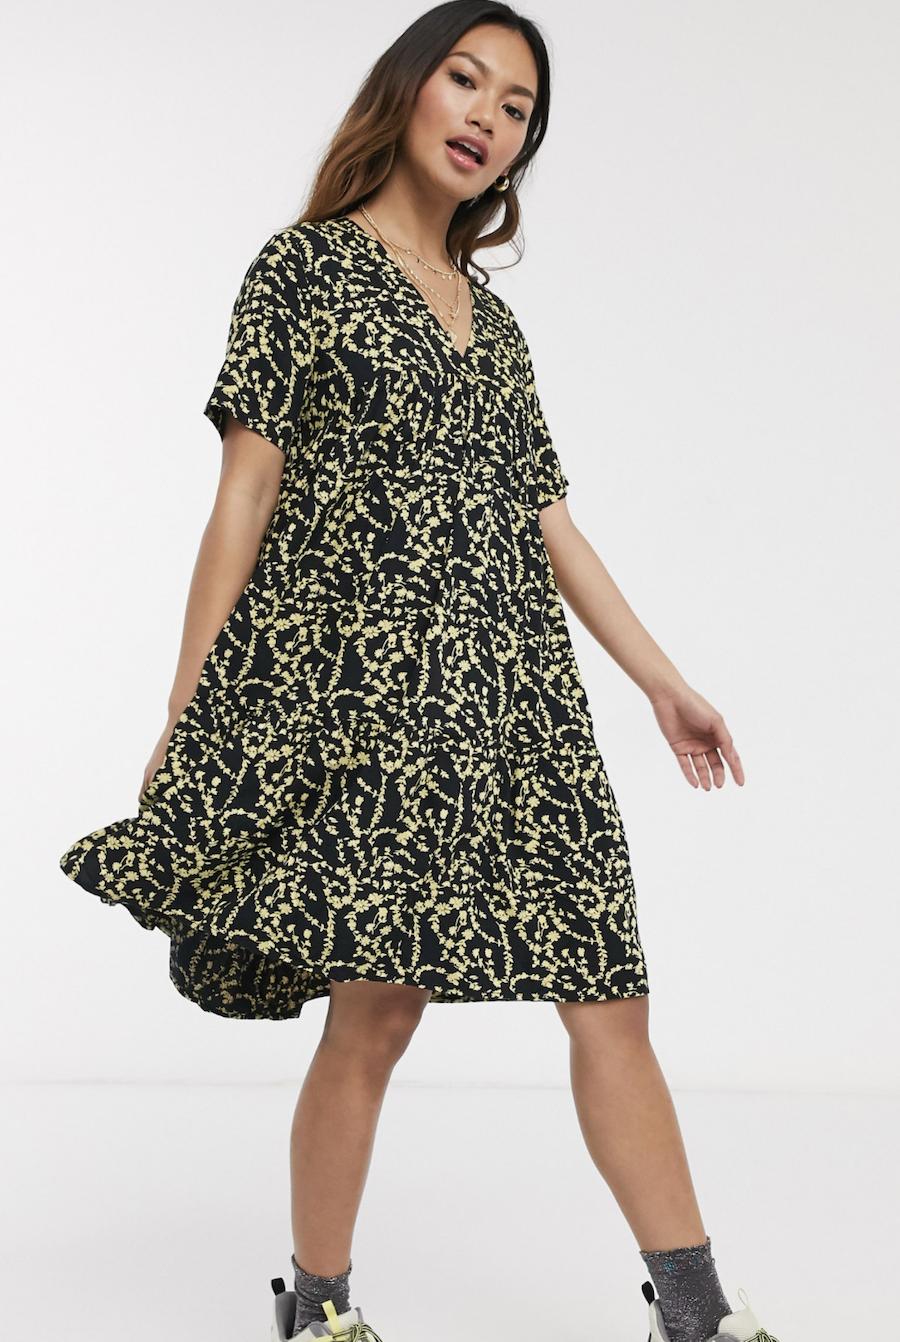 Vestido amplio de manga corta con estampado floral Nadin de Pieces